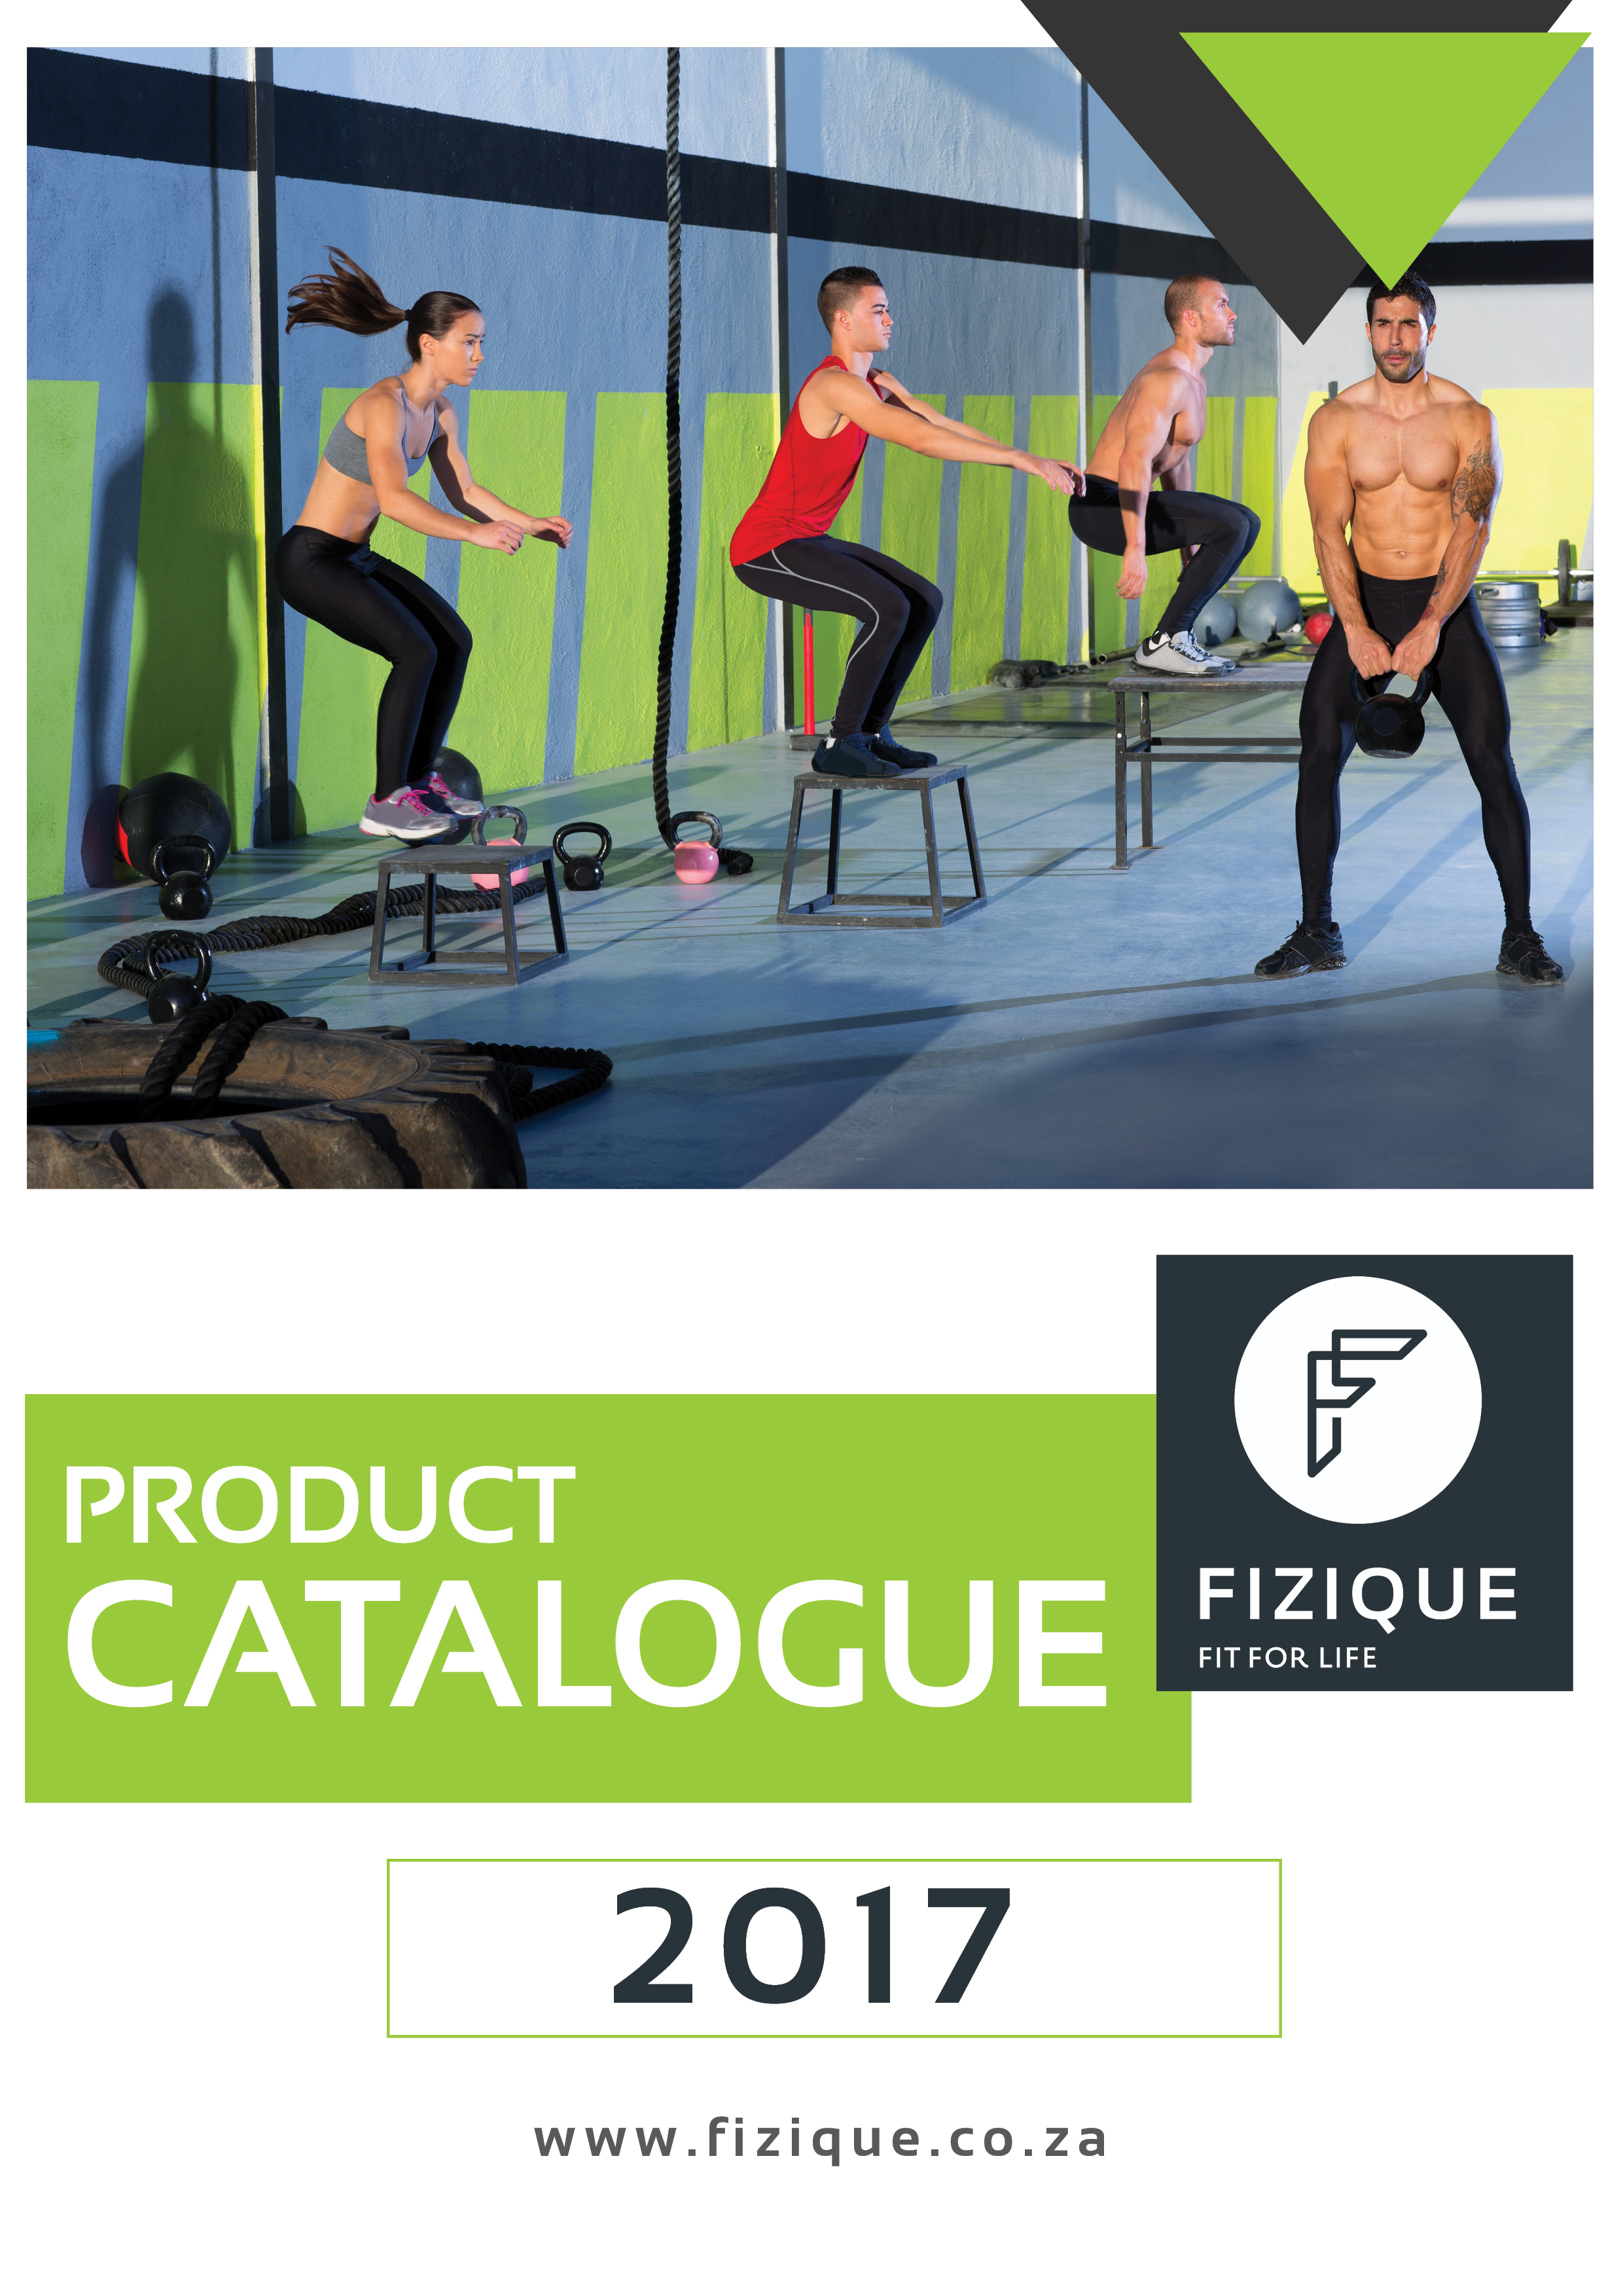 fizique-catalogue-2017-cover.png